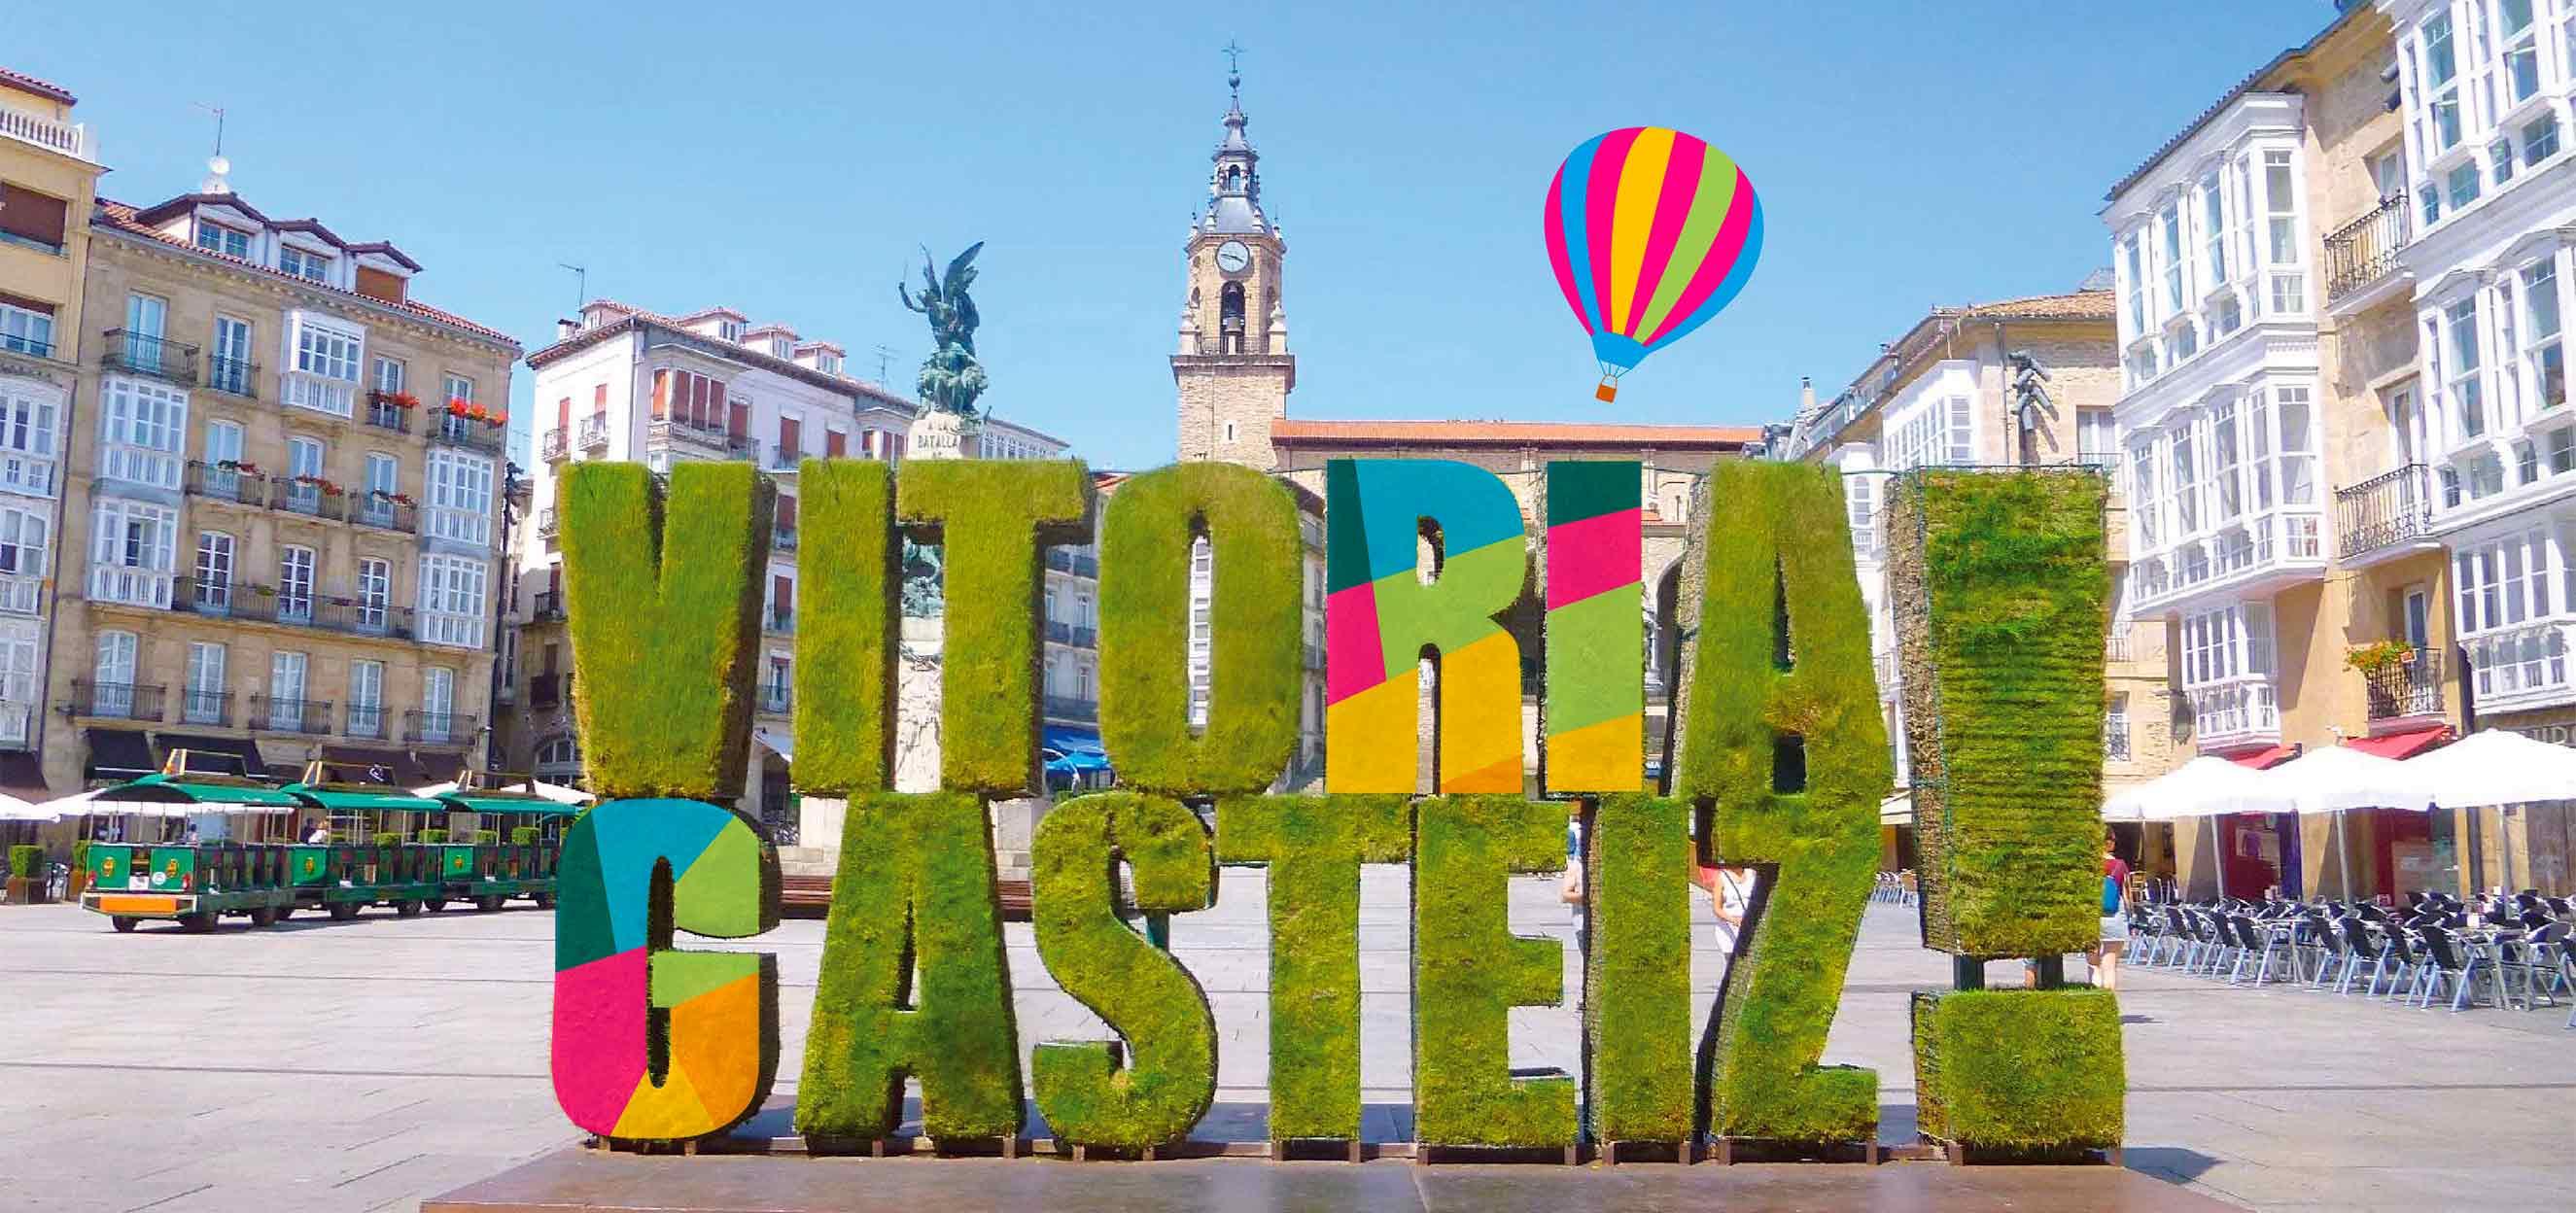 Regata de Globos Aerostáticos RIG Vitoria-Gasteiz